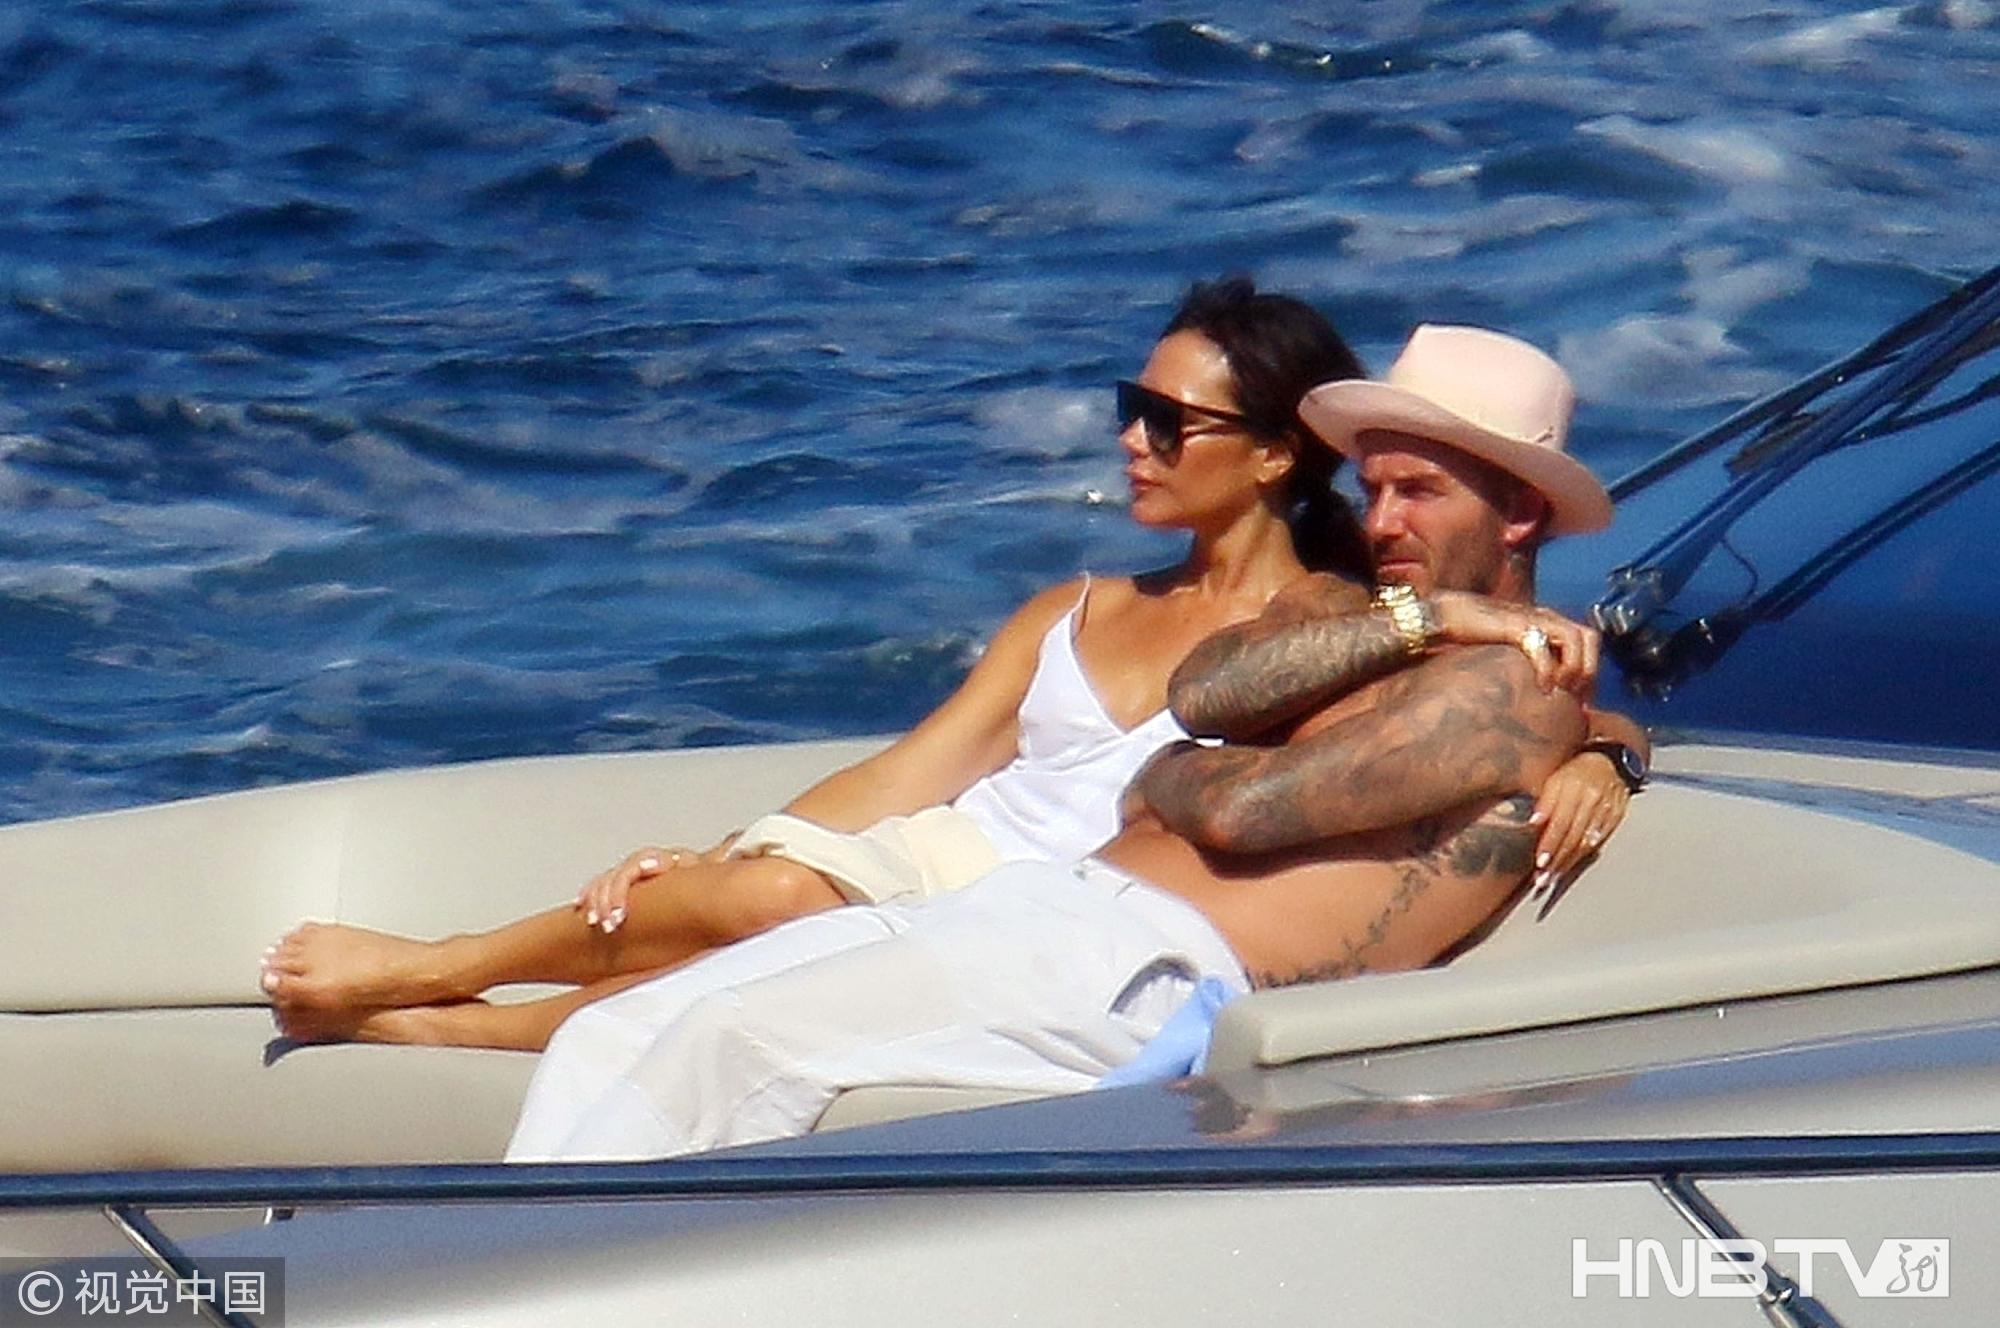 贝克汉姆一家出海度假短发小七肉腿抢镜 贝嫂枚红长衫配比基尼美腿吸睛